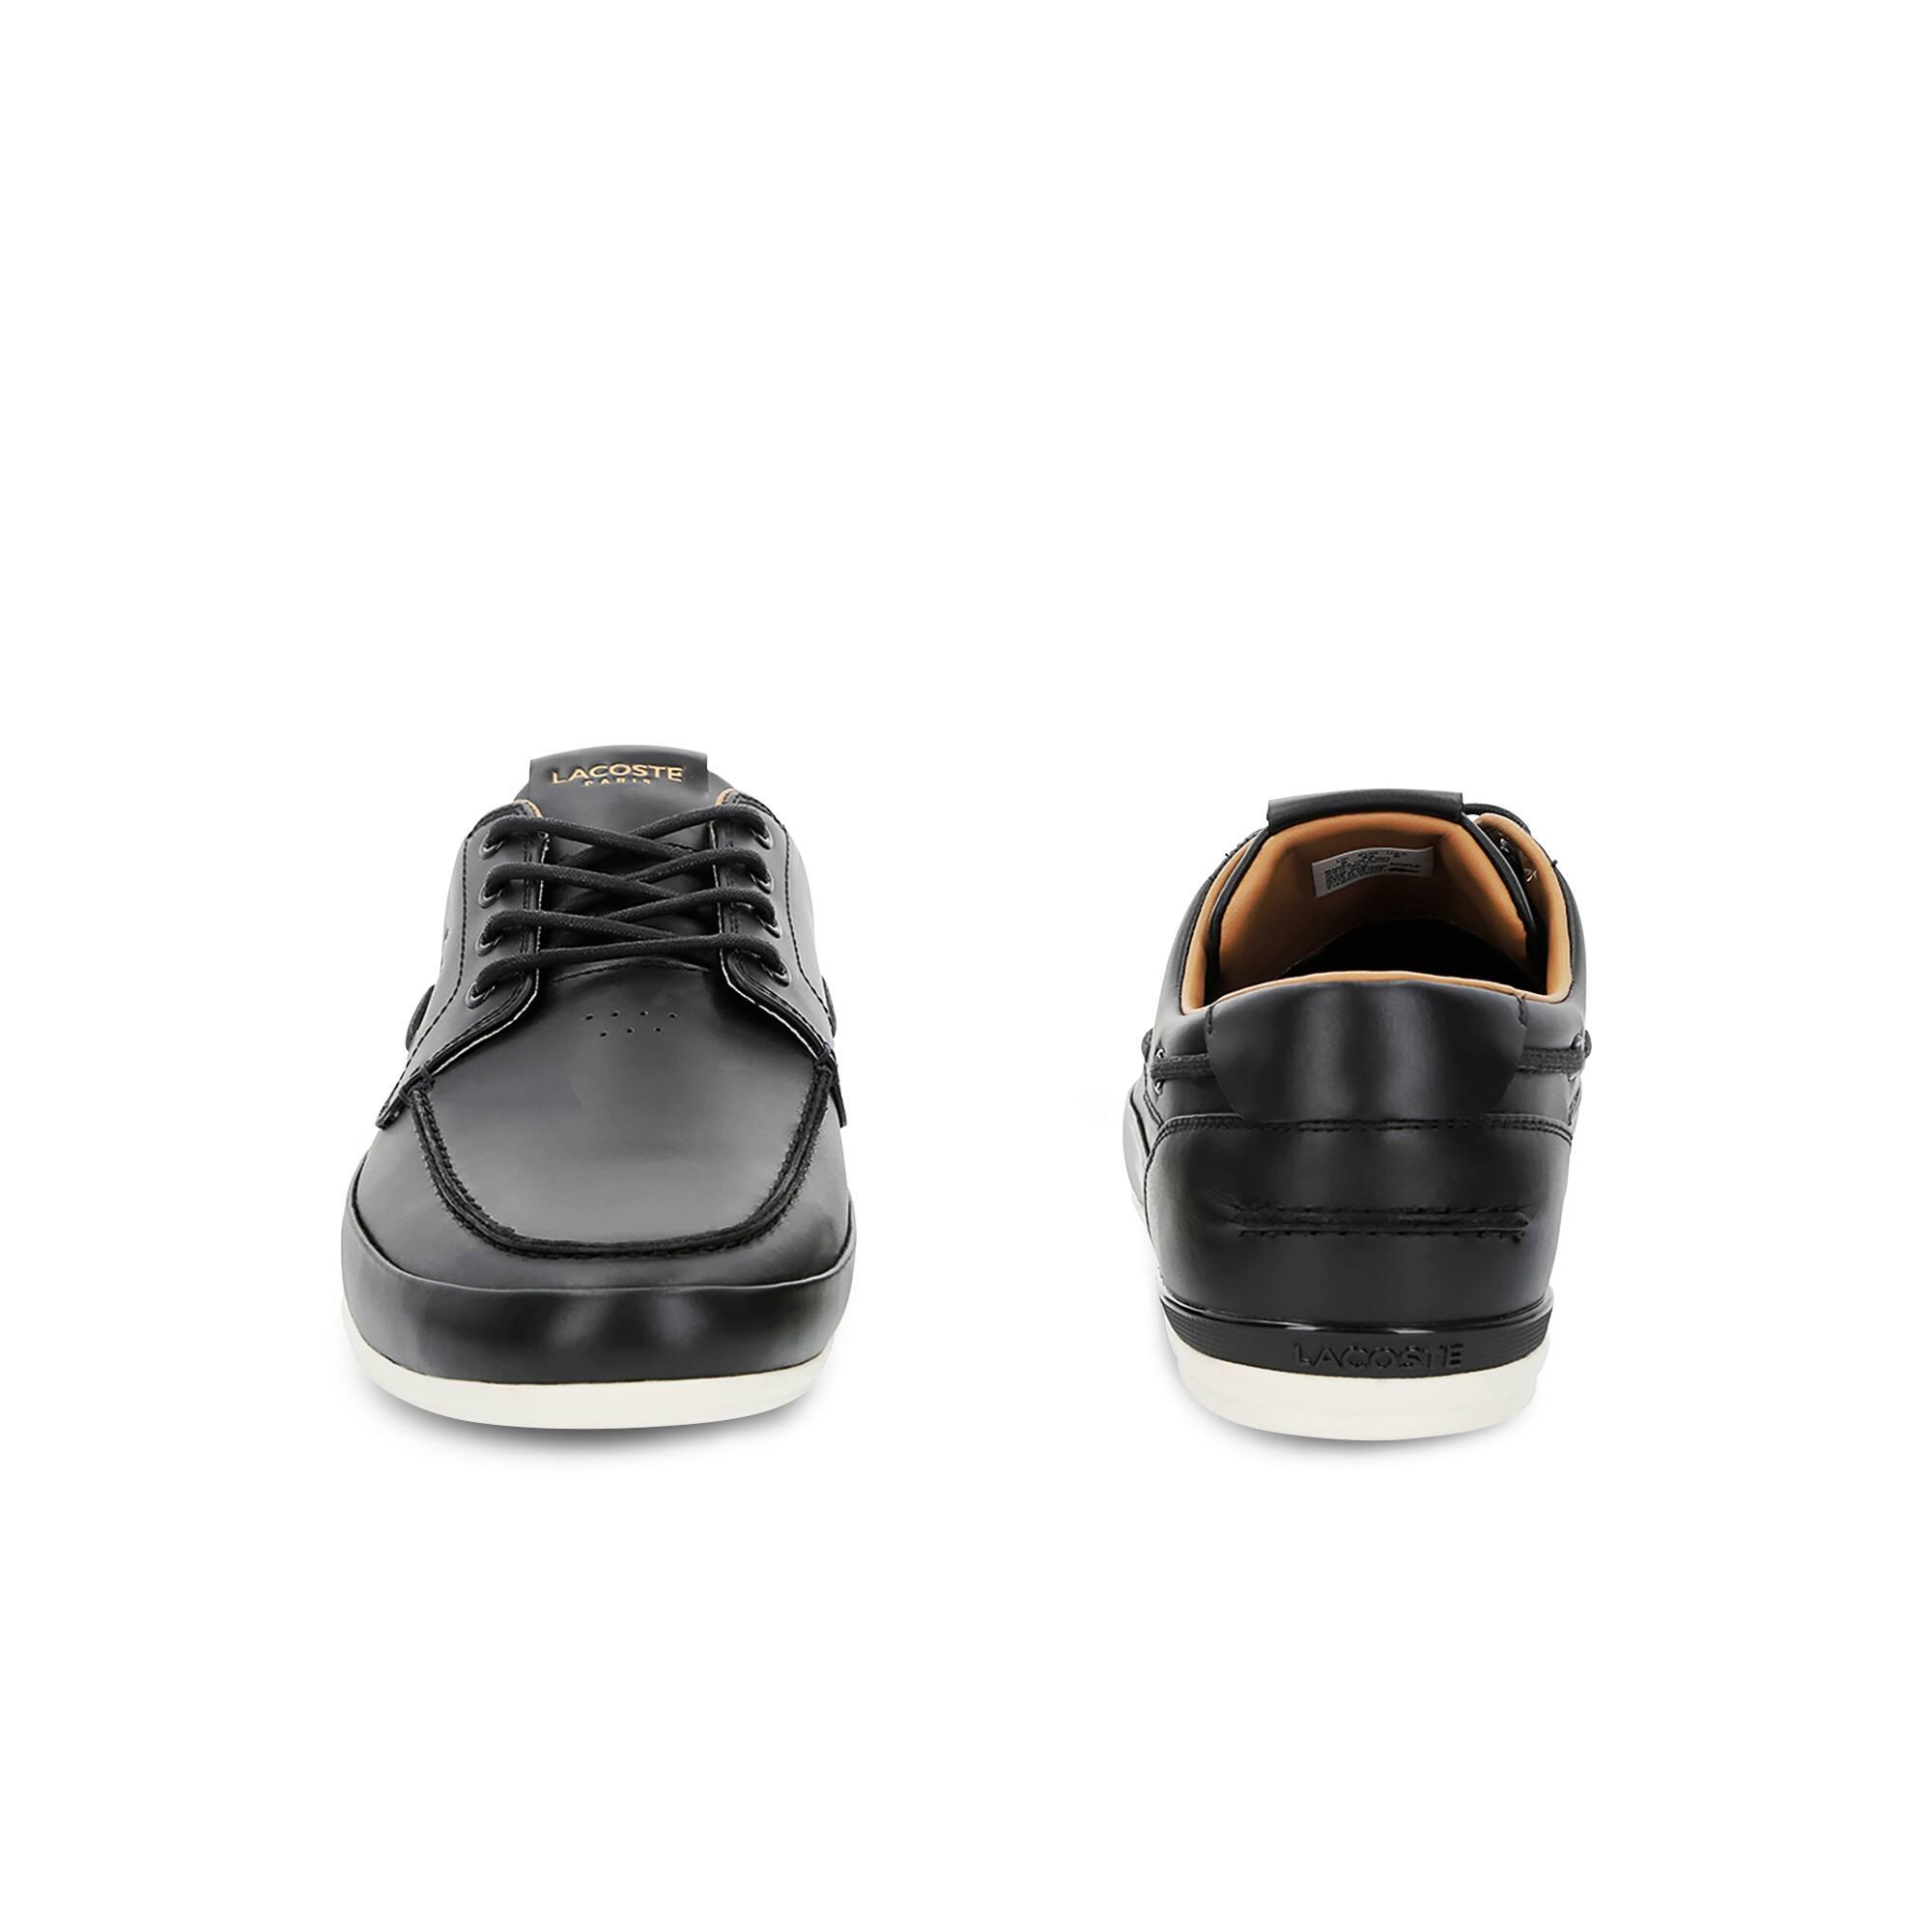 Marina Leder Schuhe Aus Herren Premium WEH9D2I